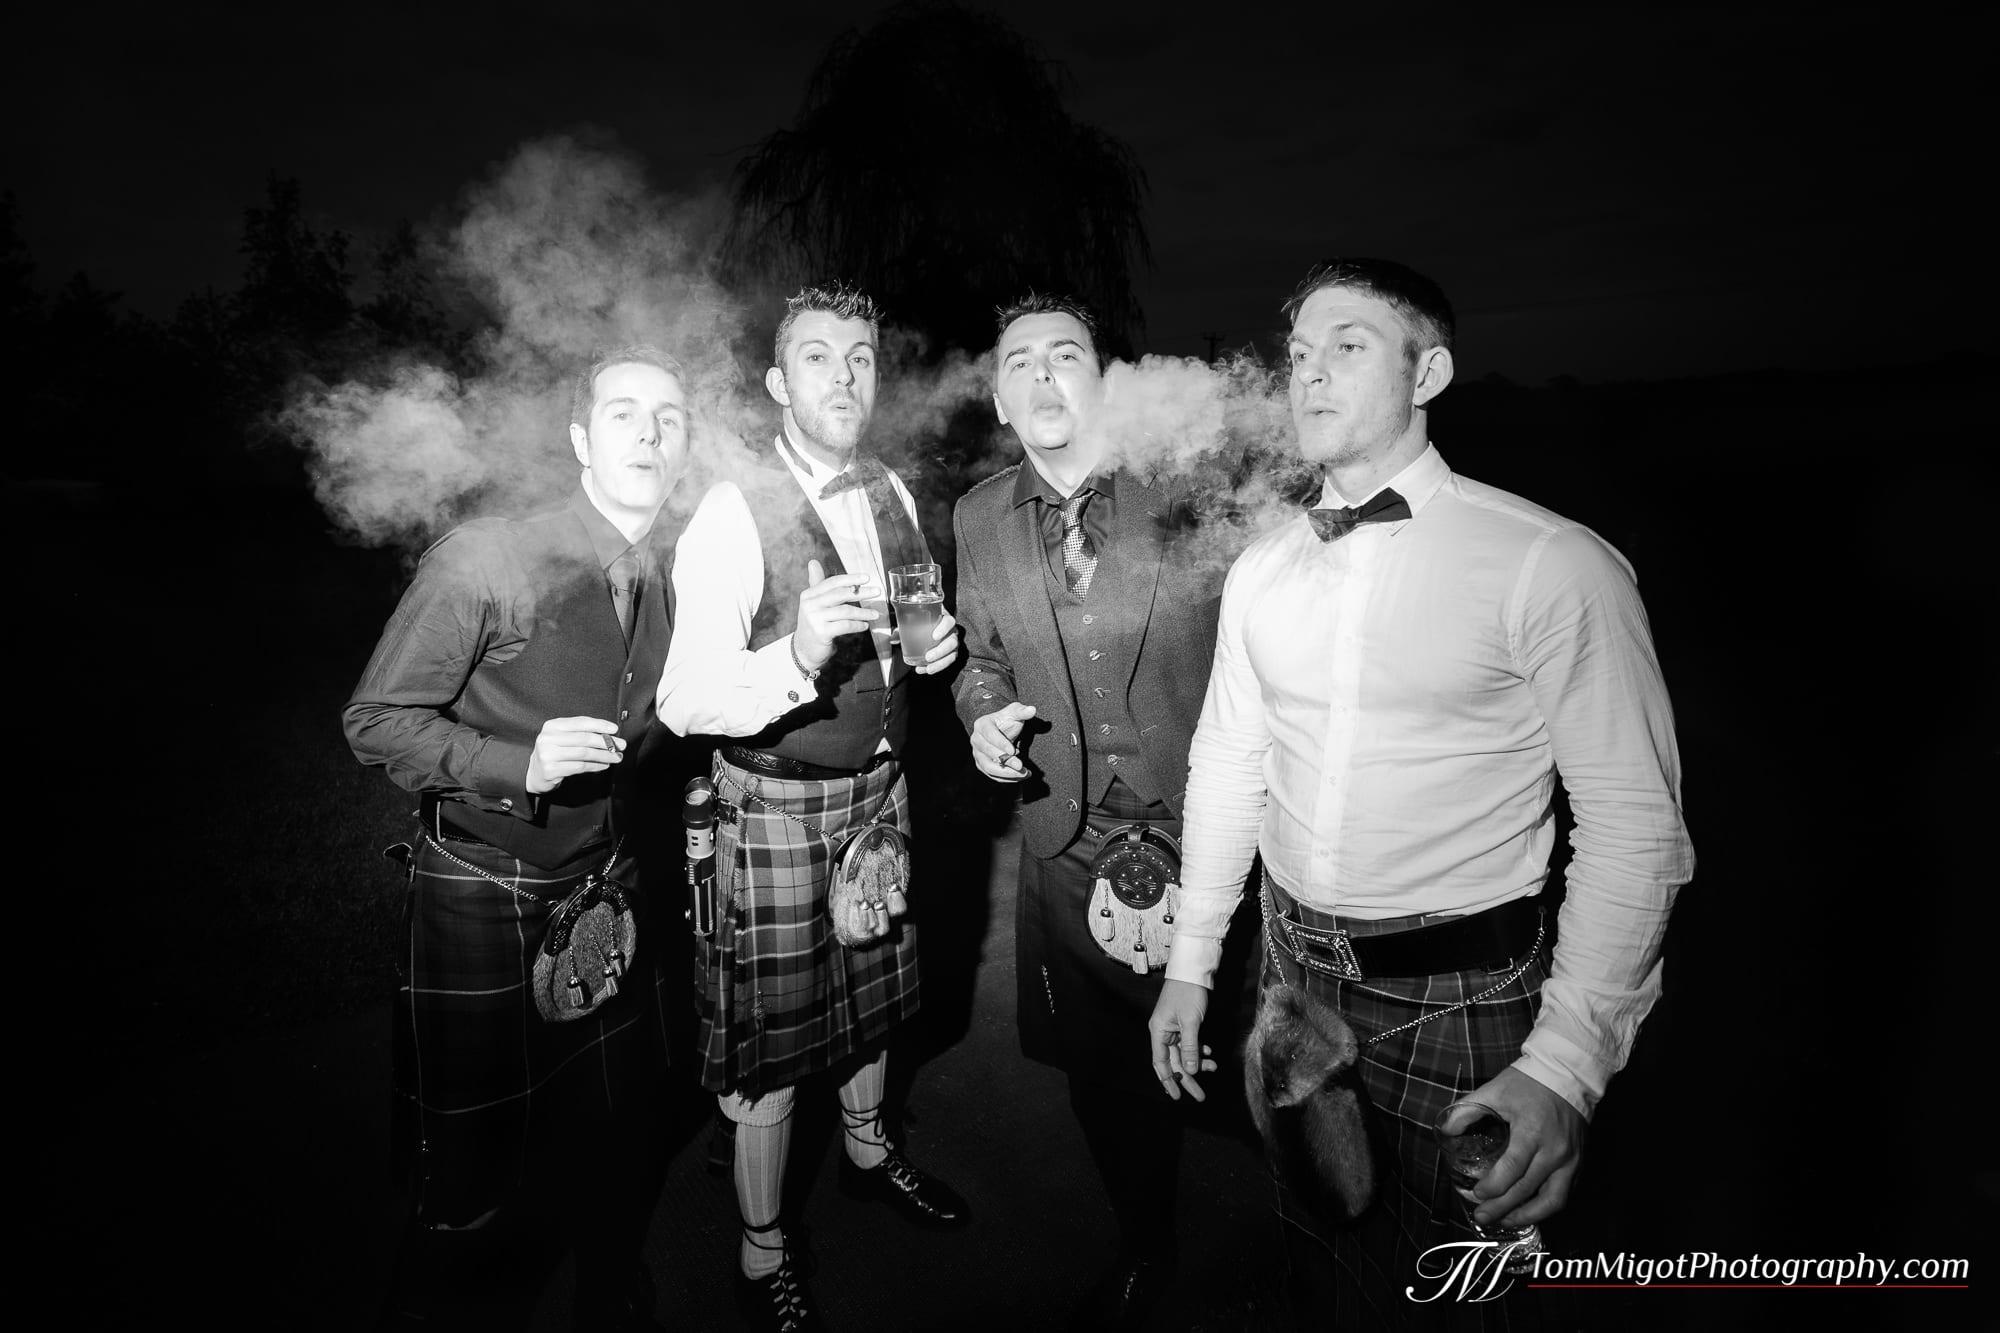 Les gentlemen s'amusent avec un cigar